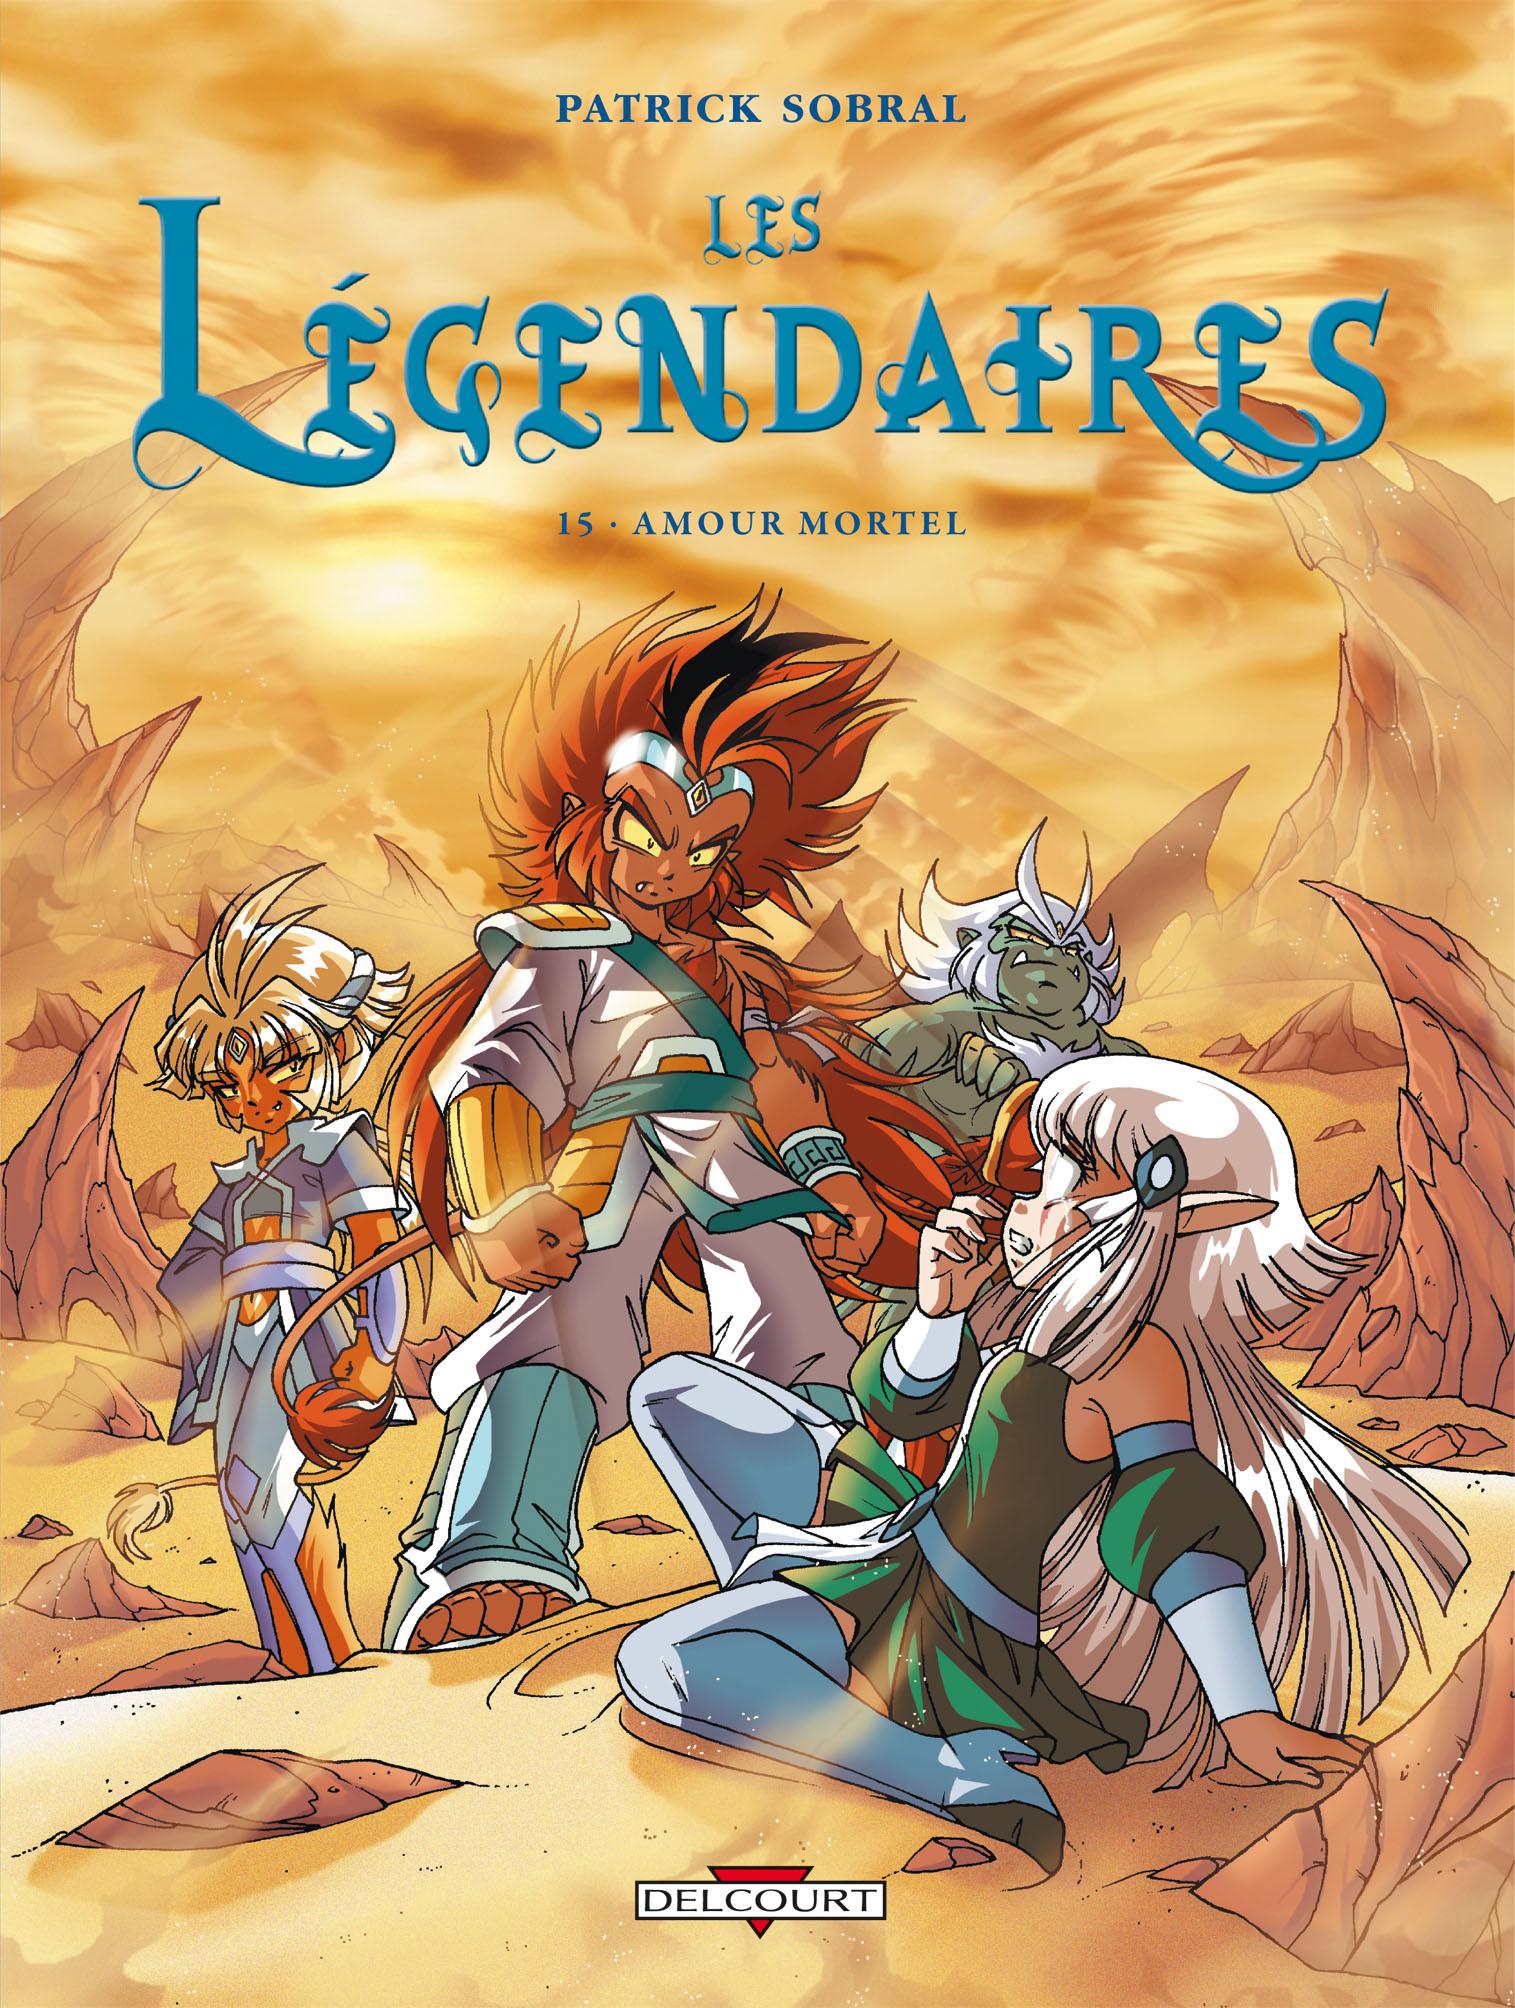 Les Légendaires 15 - Amour mortel